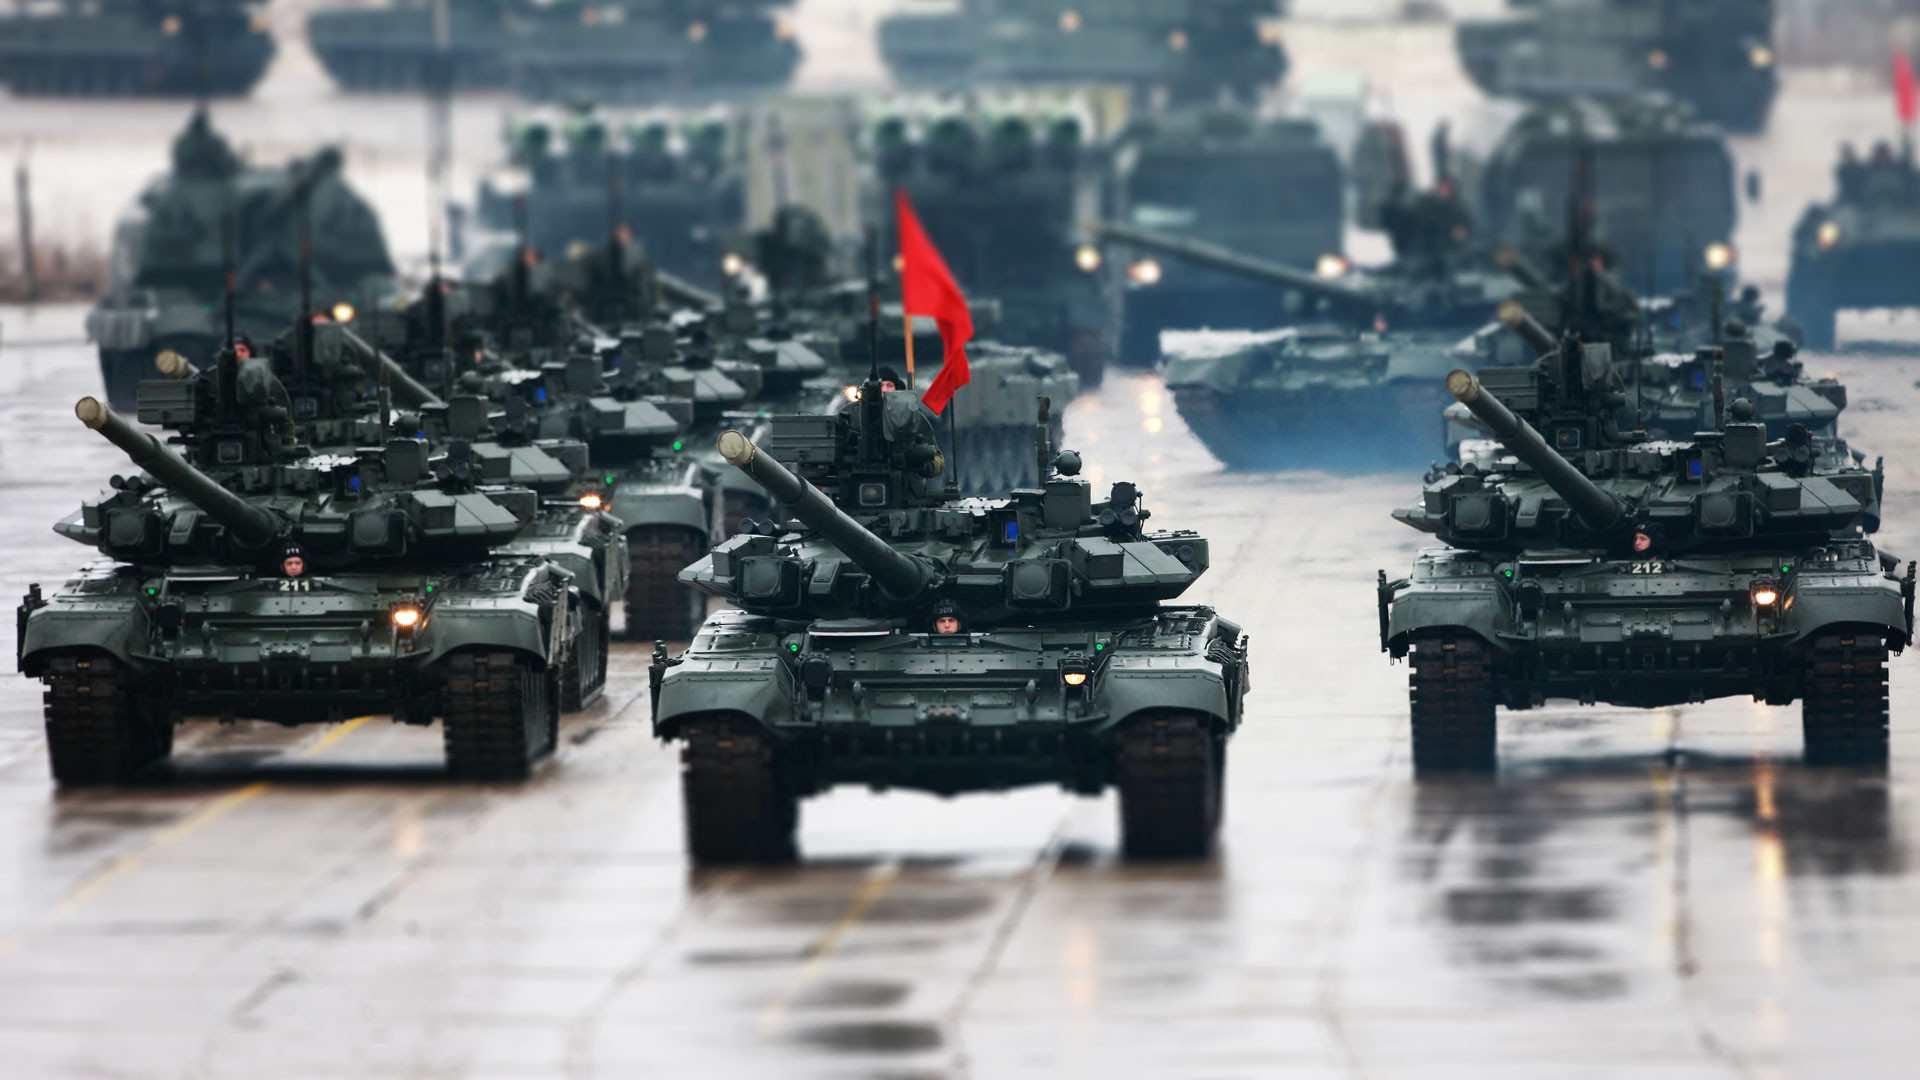 Кремъл: Армията ни се движи на наша територия и под формата, която ние считаме за необходимо!